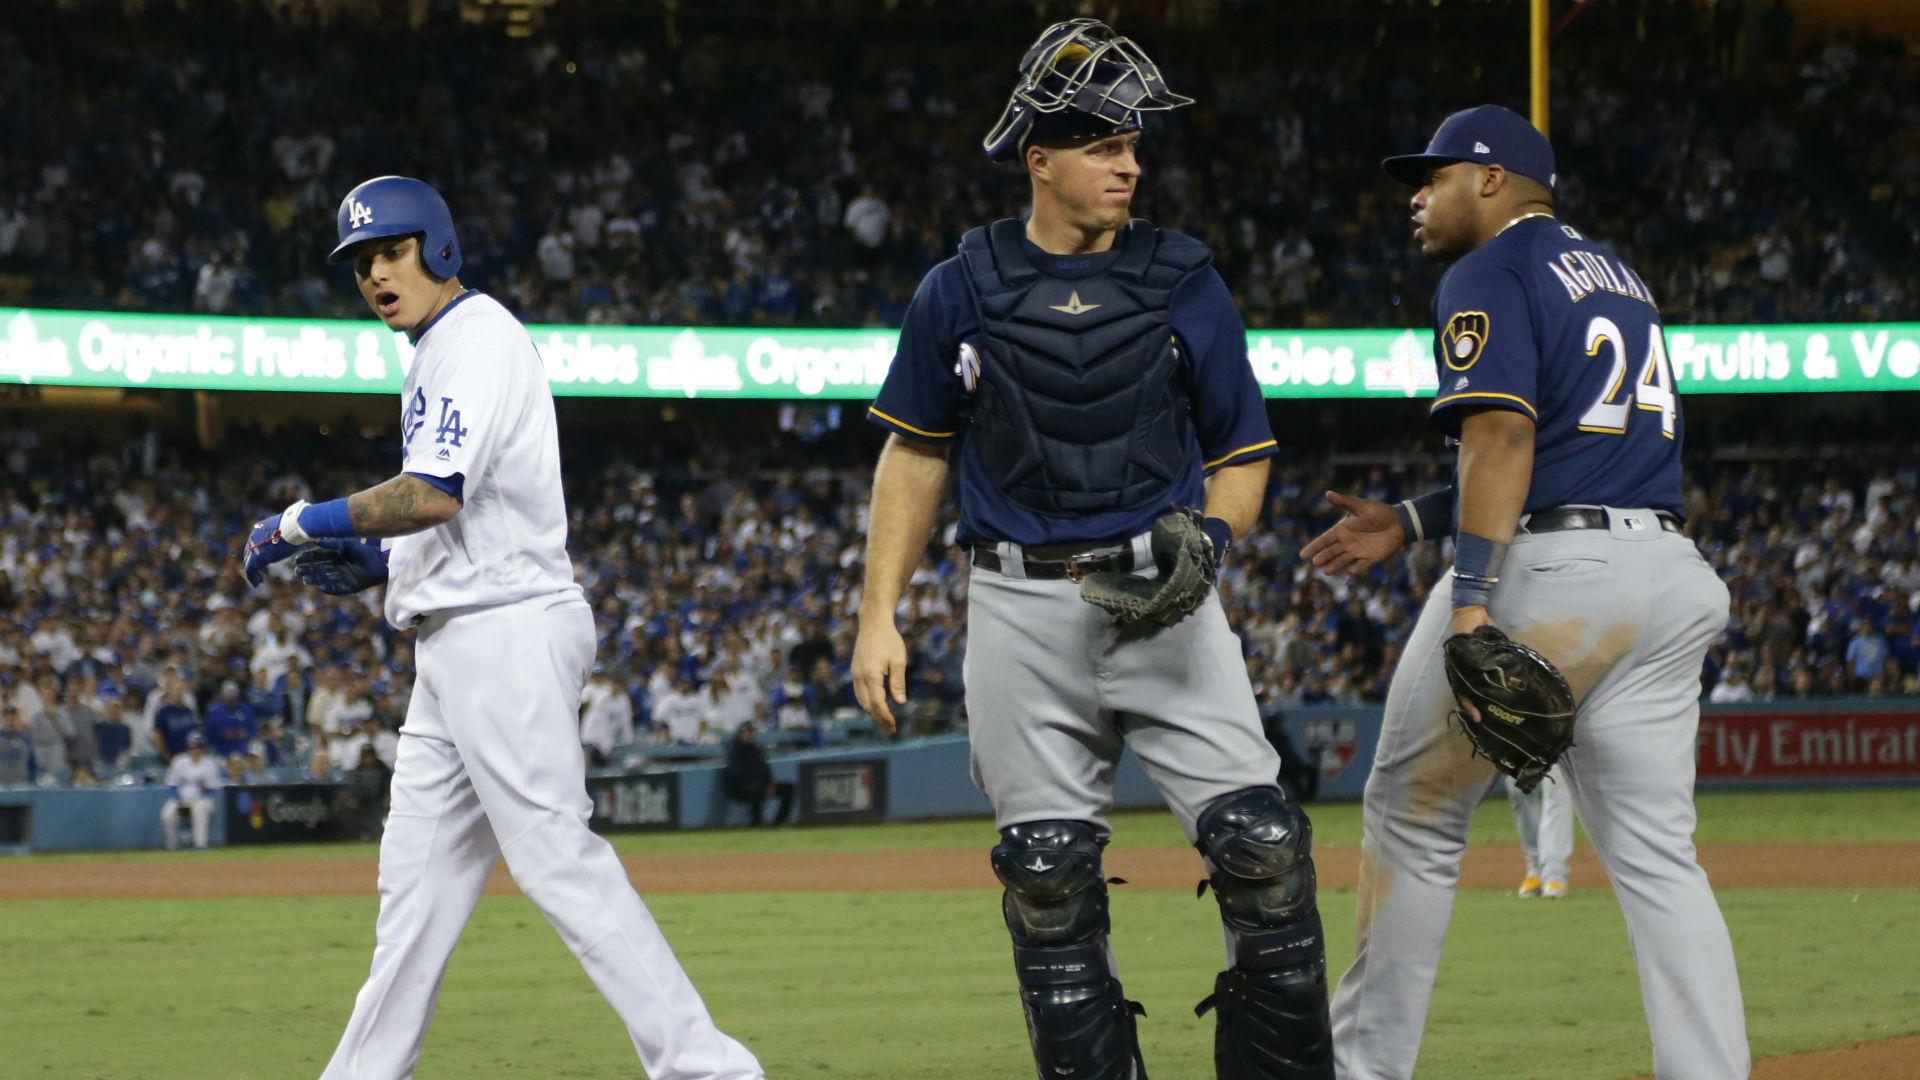 MLB fines Manny Machado $10K